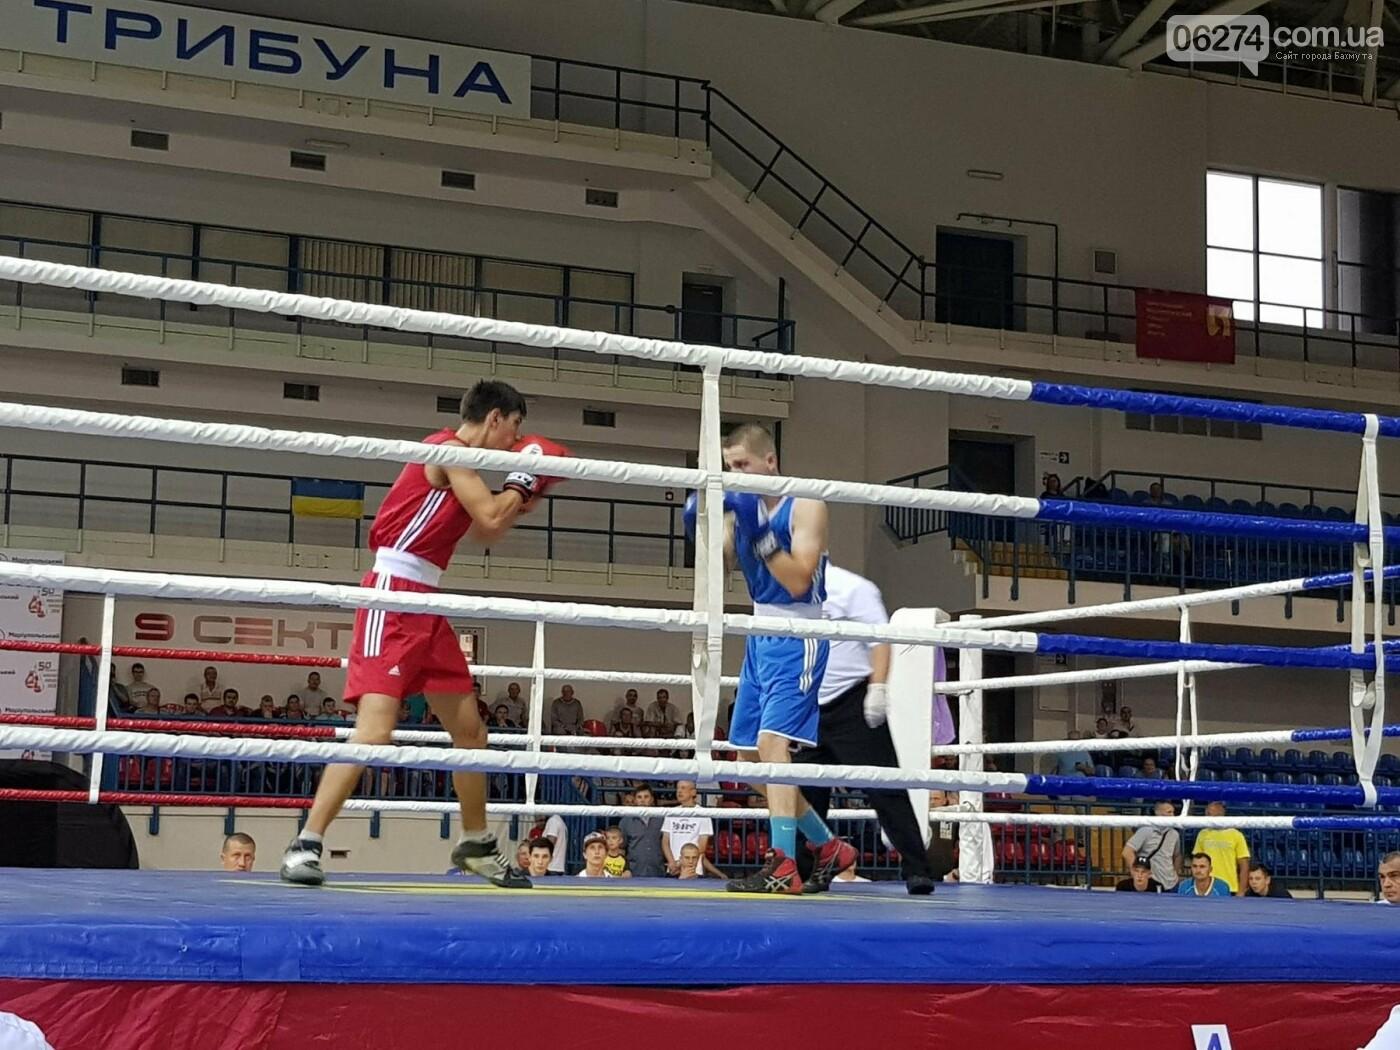 Боксеры Бахмута стартуют на чемпионате Украины в Мариуполе, фото-3